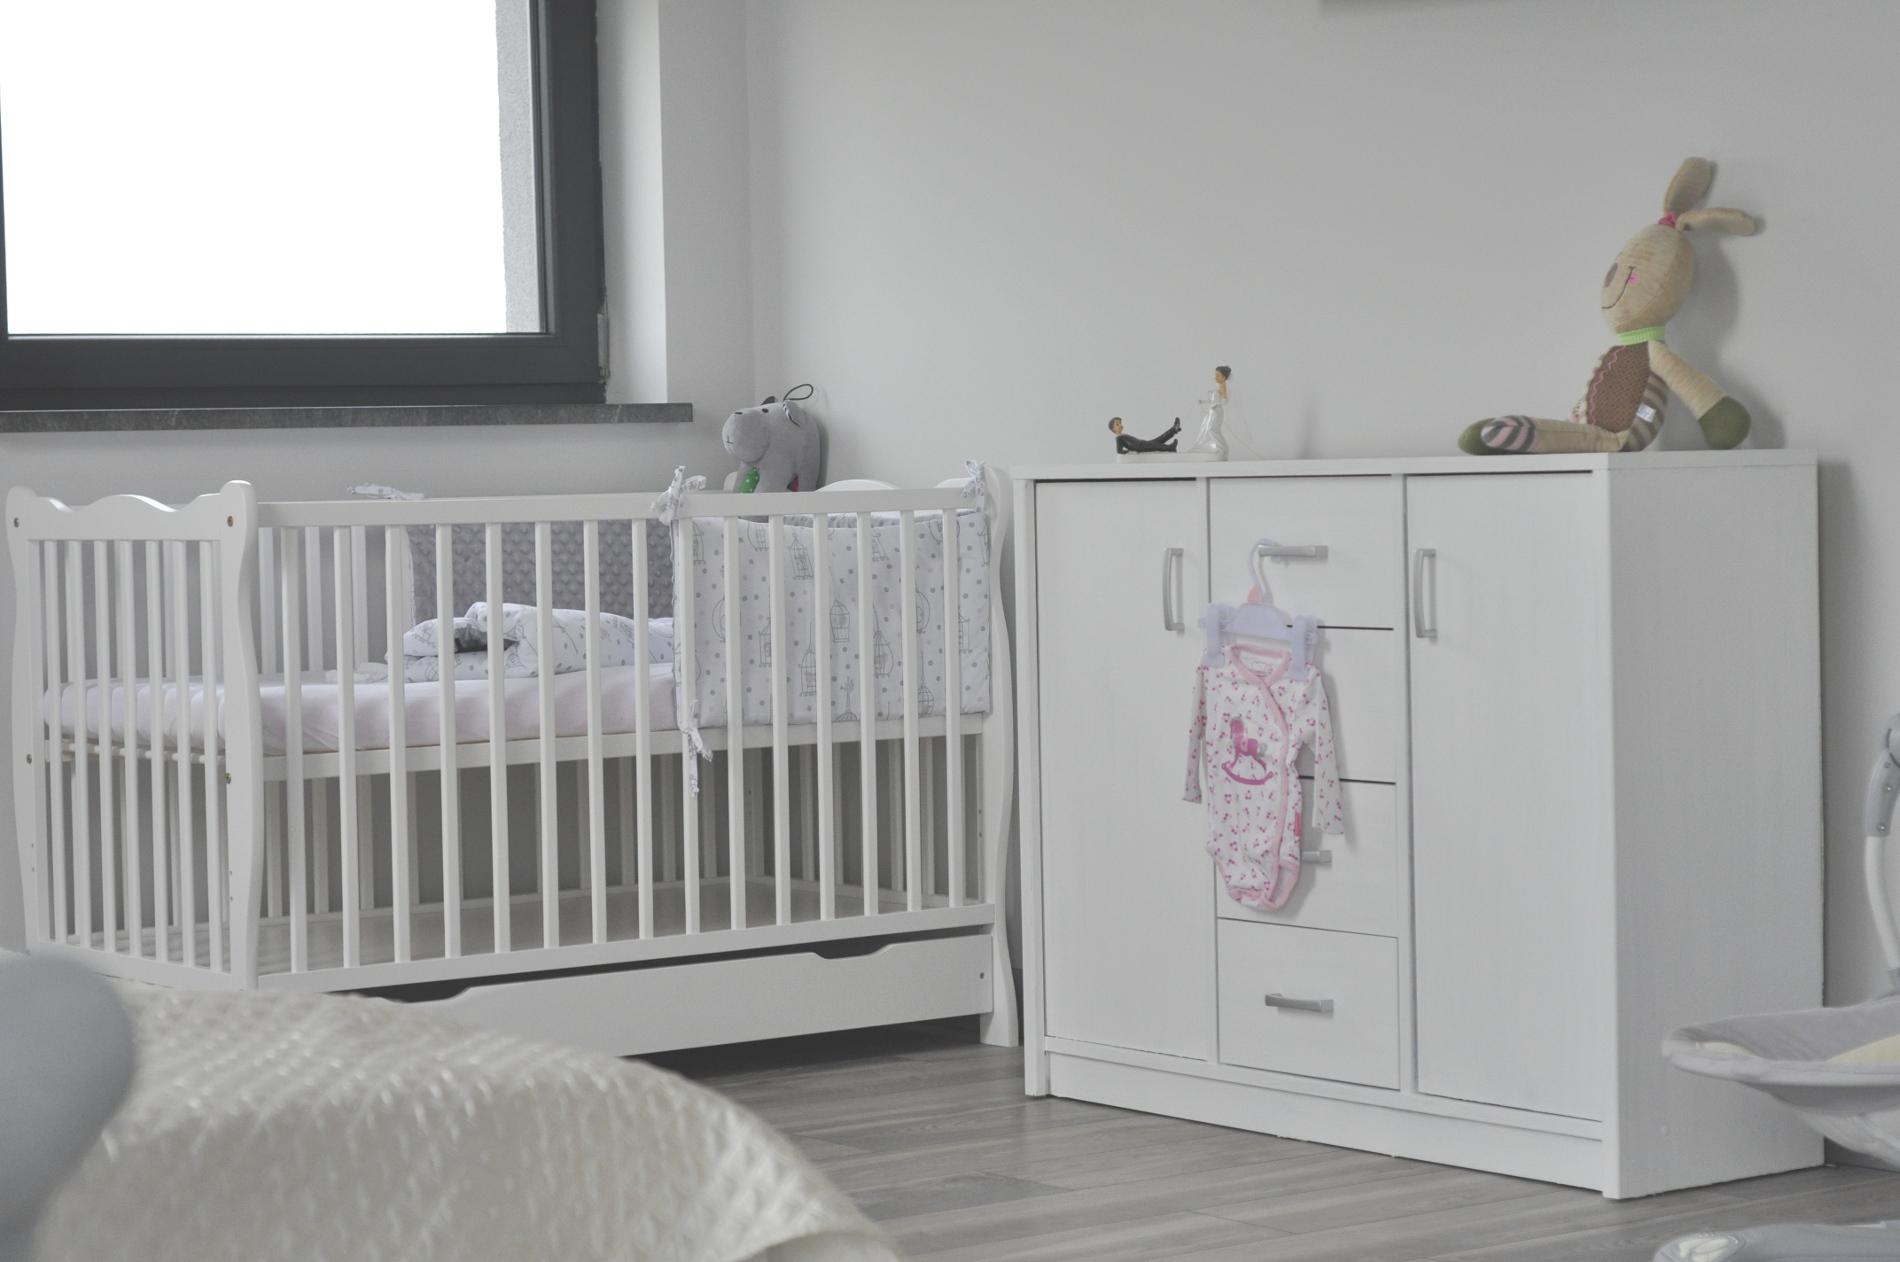 Masywnie Pokój noworodka. Osobno czy w sypialni rodziców? ⋆ matka-nie FZ06